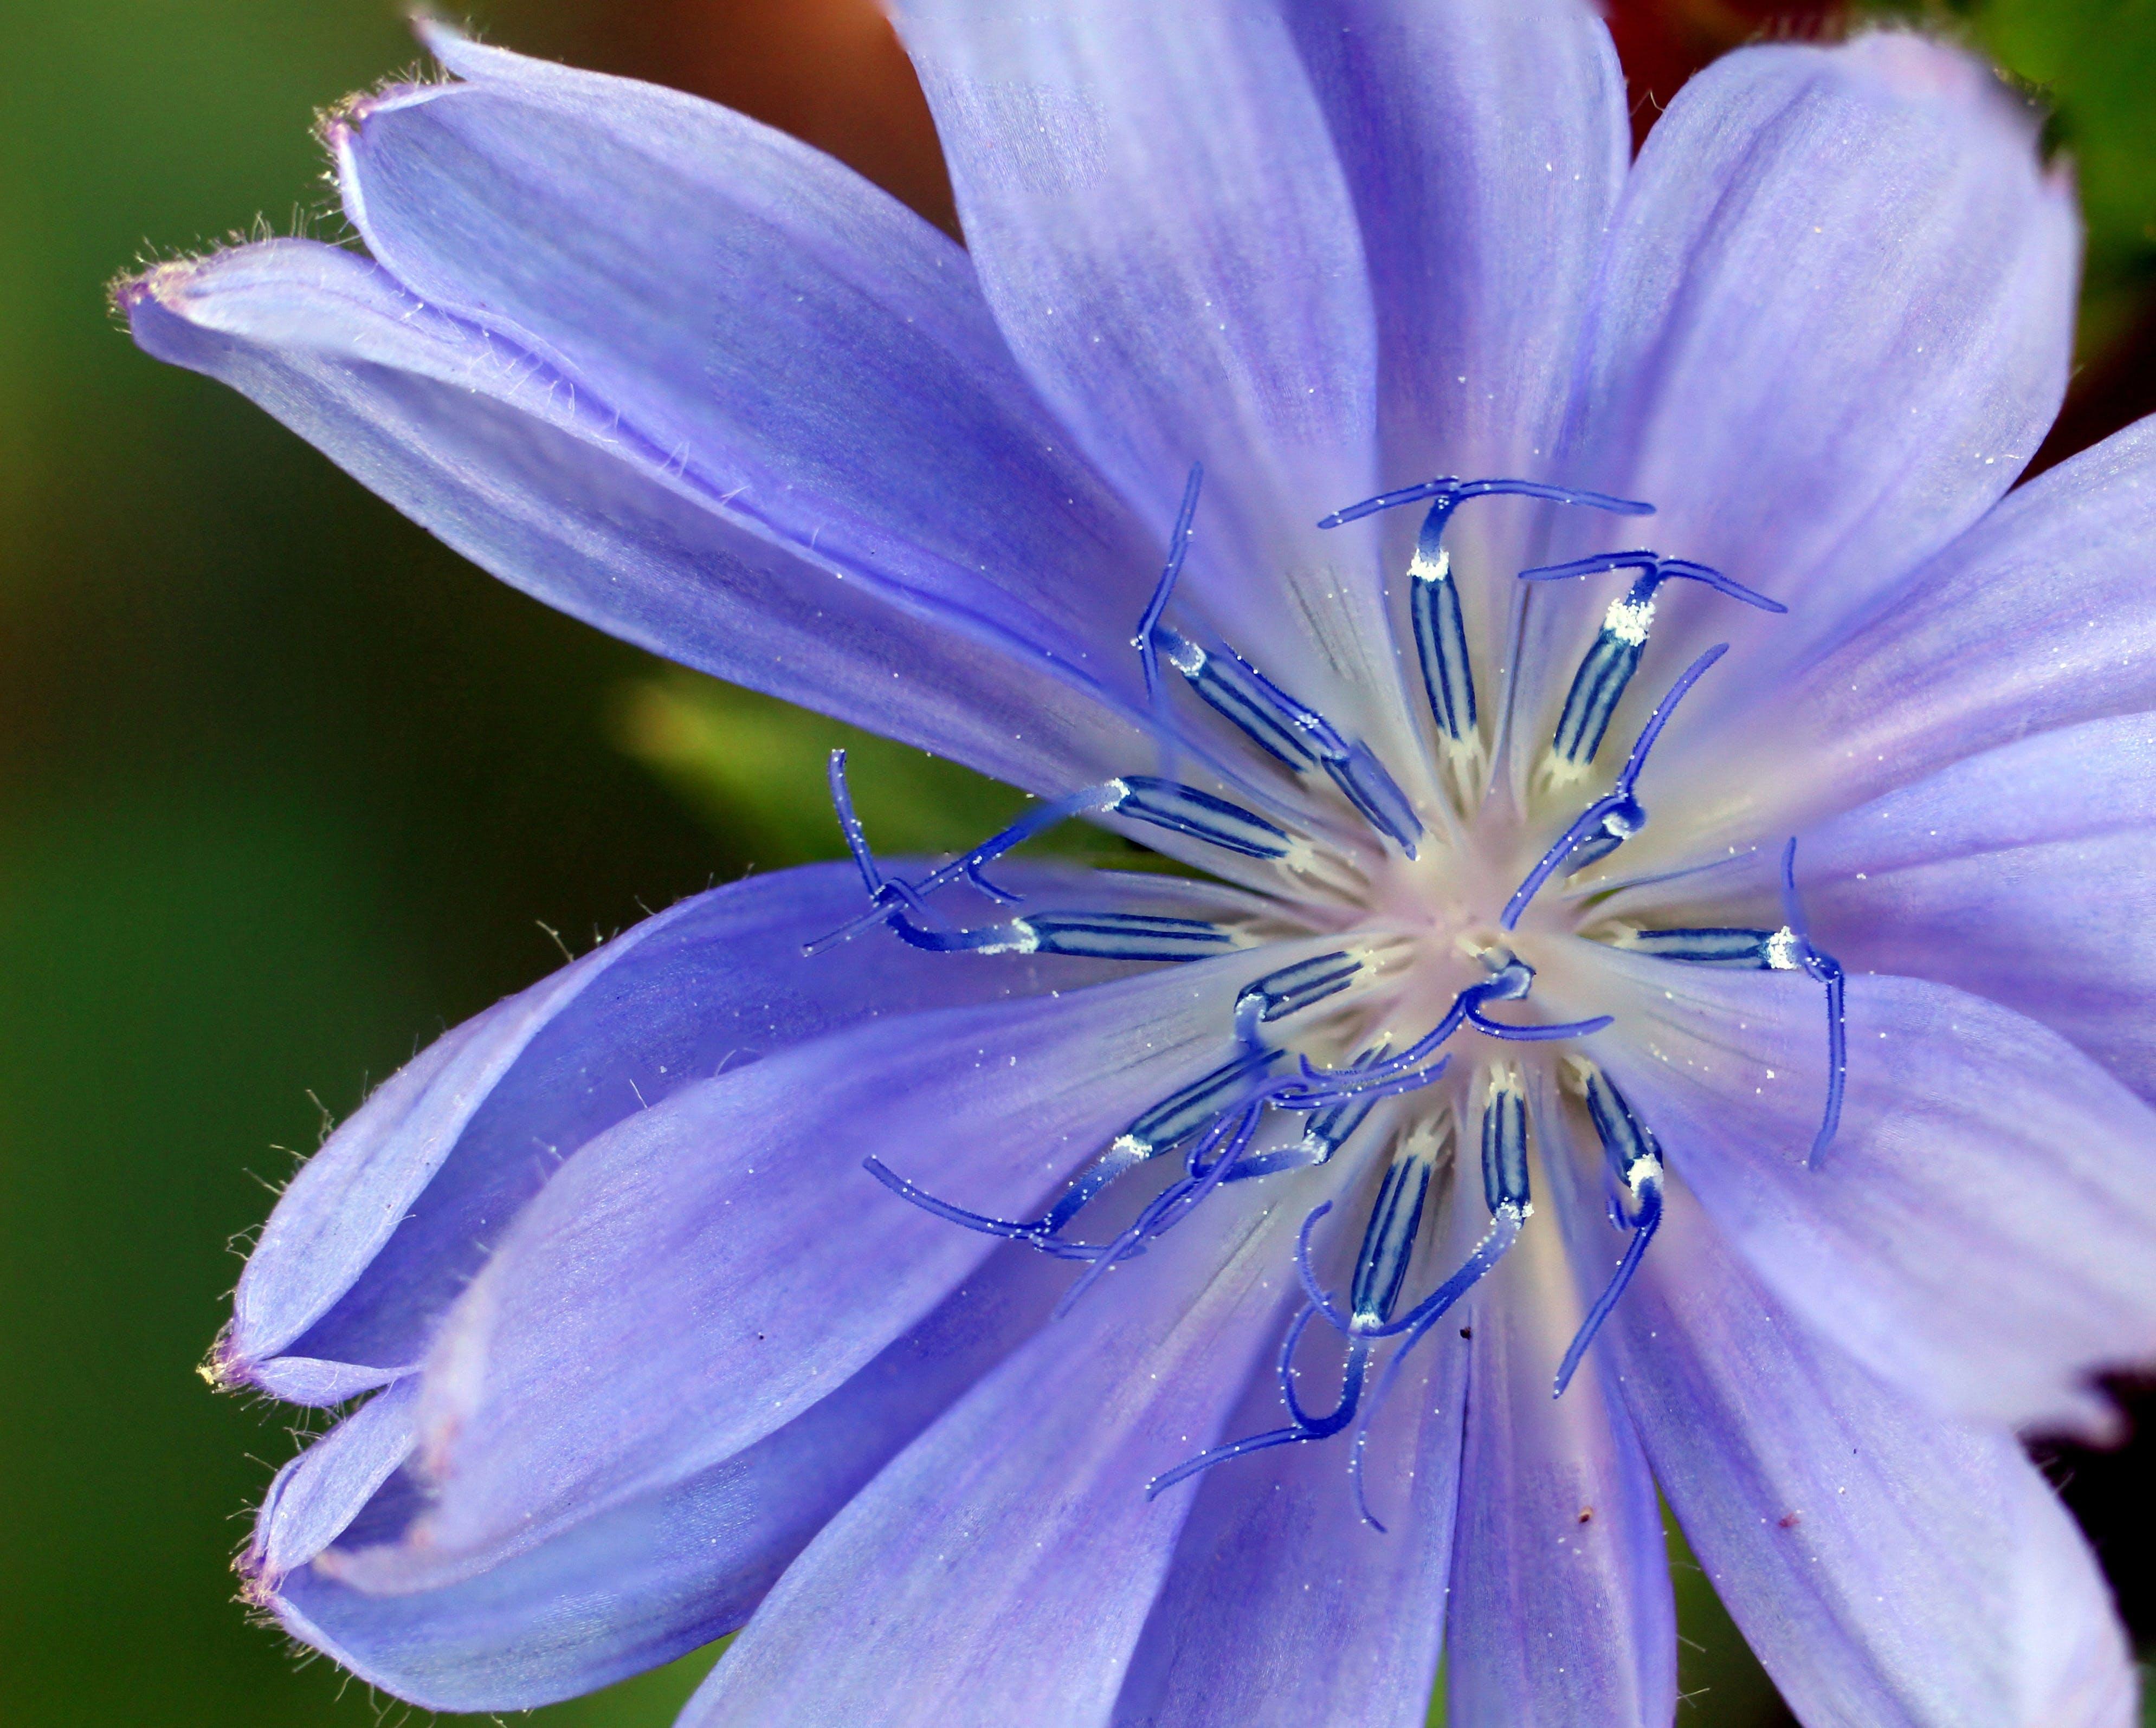 Gratis stockfoto met bloeien, bloeiend, bloem, bloemblaadjes